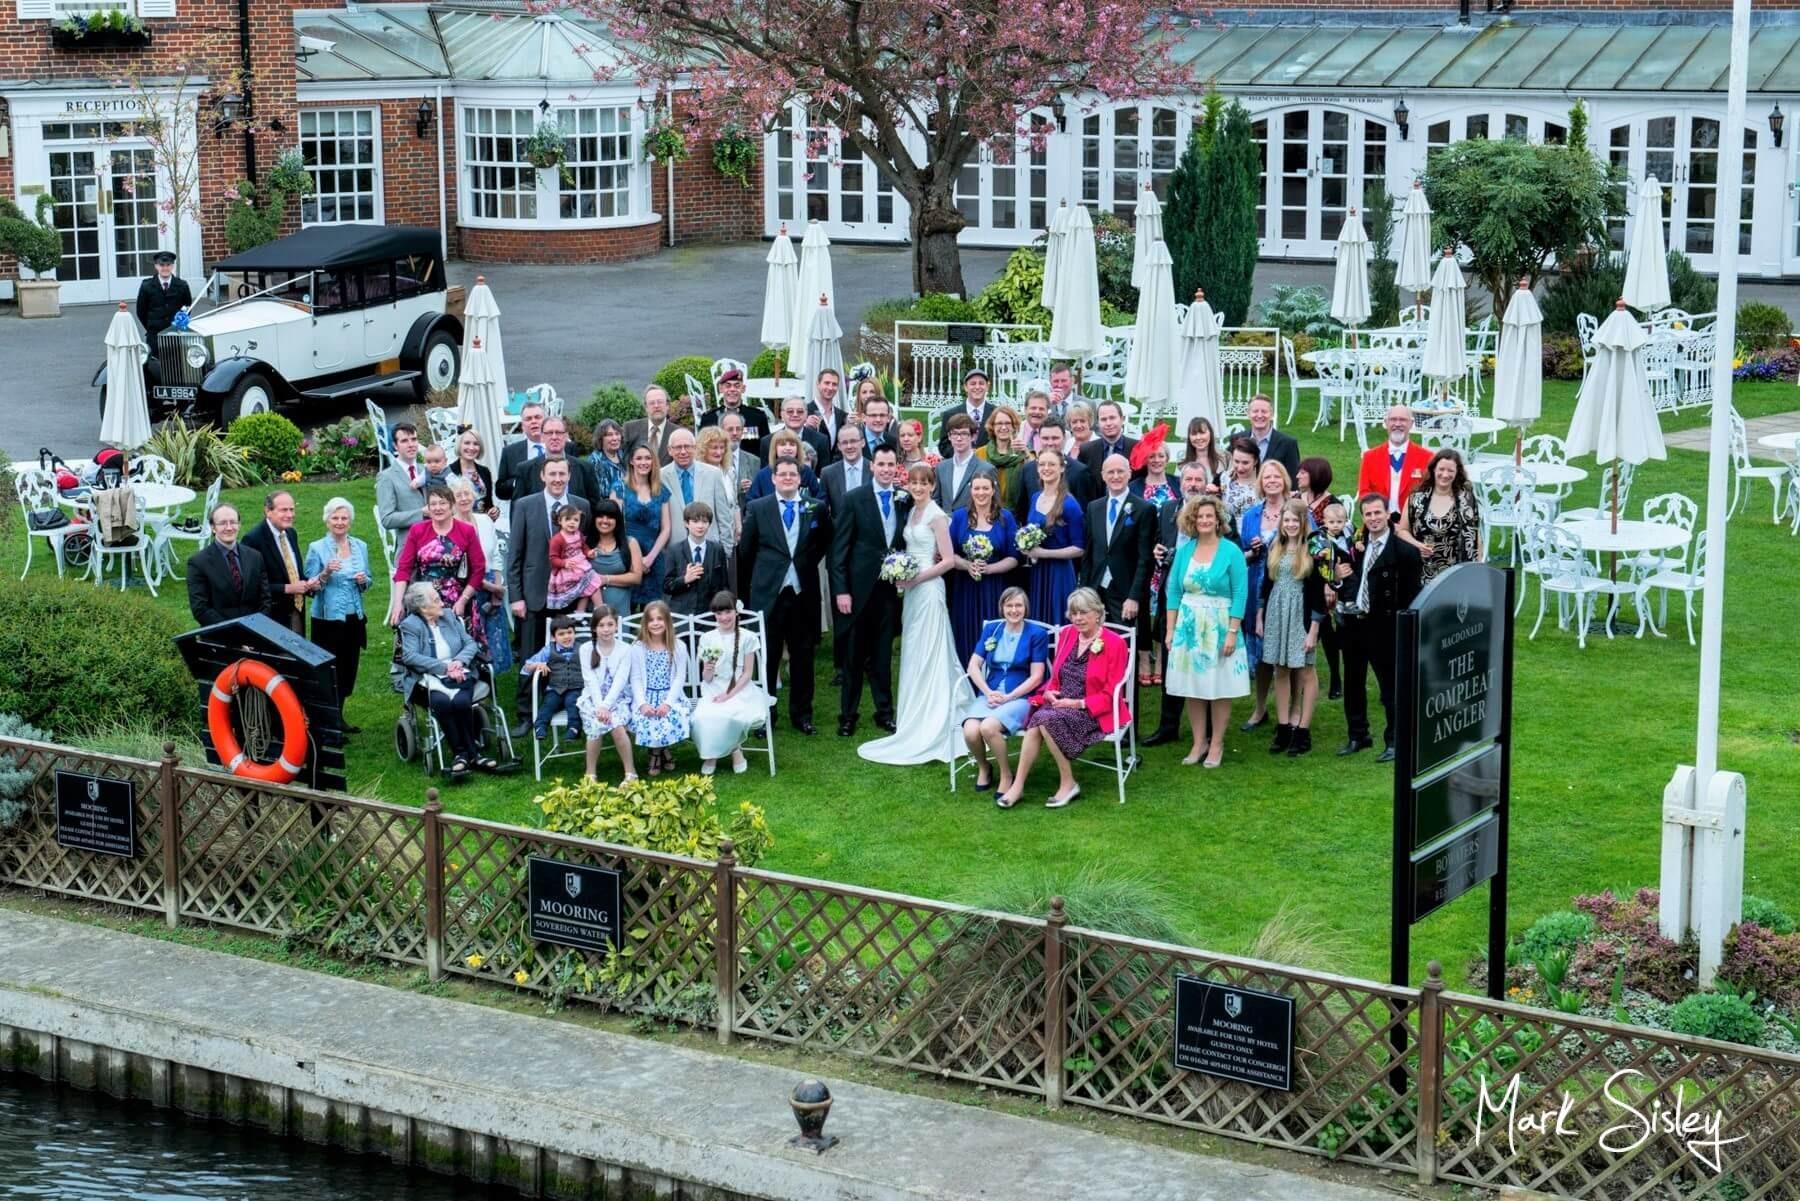 Buckinghamshire Wedding Photography - Compleat Angler Hotel Marlowe